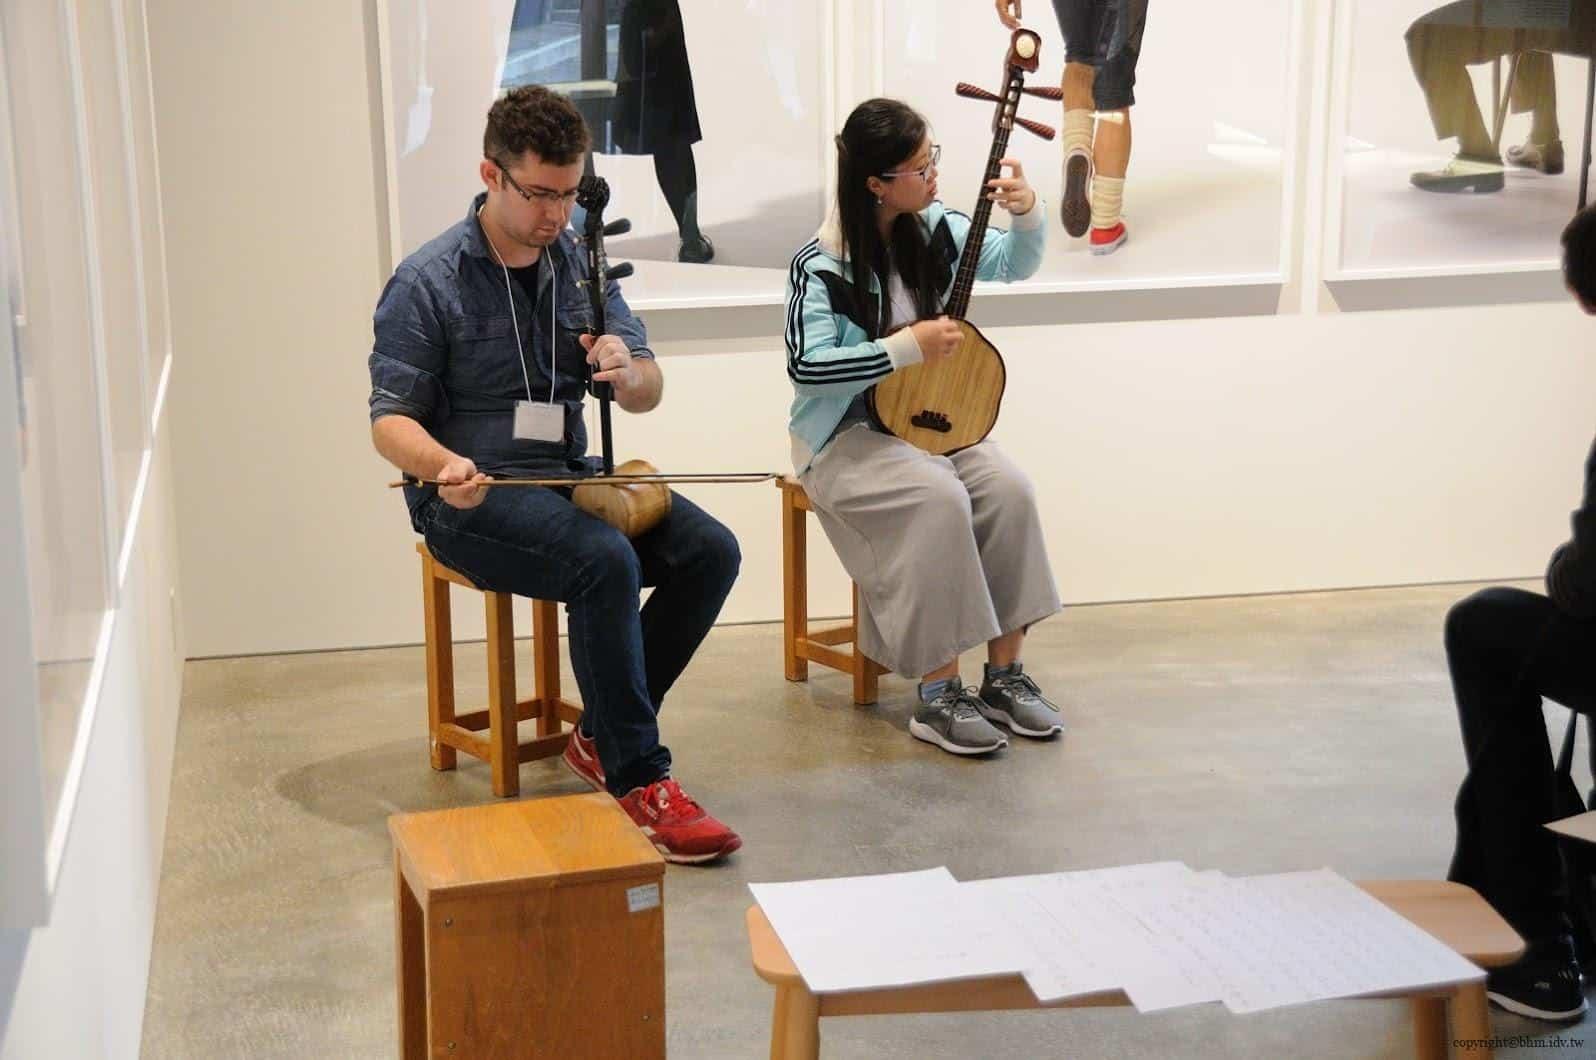 葉晉亨,香港部屋,前往當天現場正在進行中國音樂秦琴+提琴的演奏節目 香港部屋 香港部屋 hong kong house 07